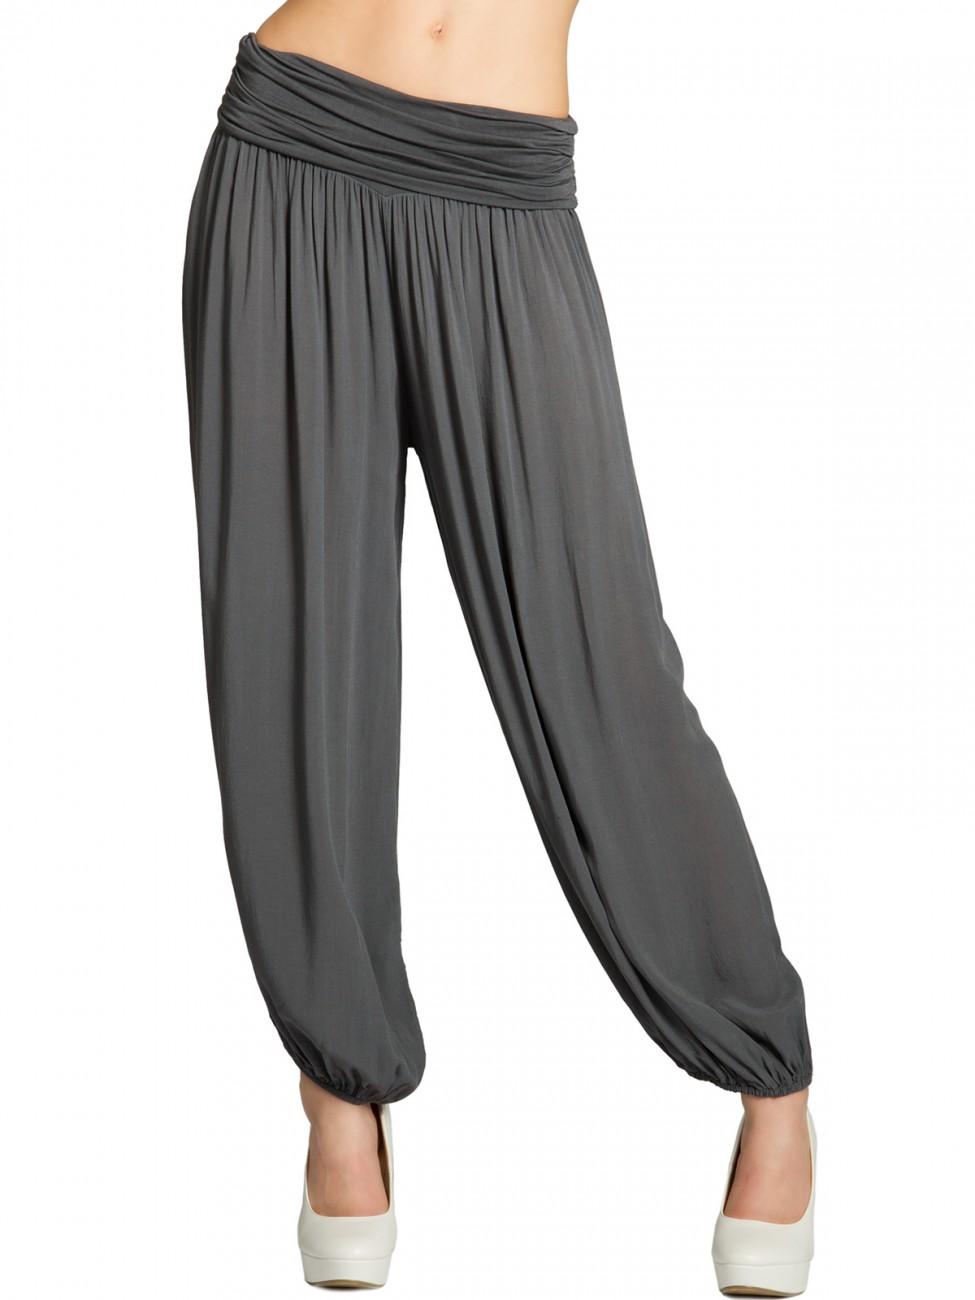 caspar khs035 damen baumwoll haremshose bekleidung hosen stoffhosen. Black Bedroom Furniture Sets. Home Design Ideas